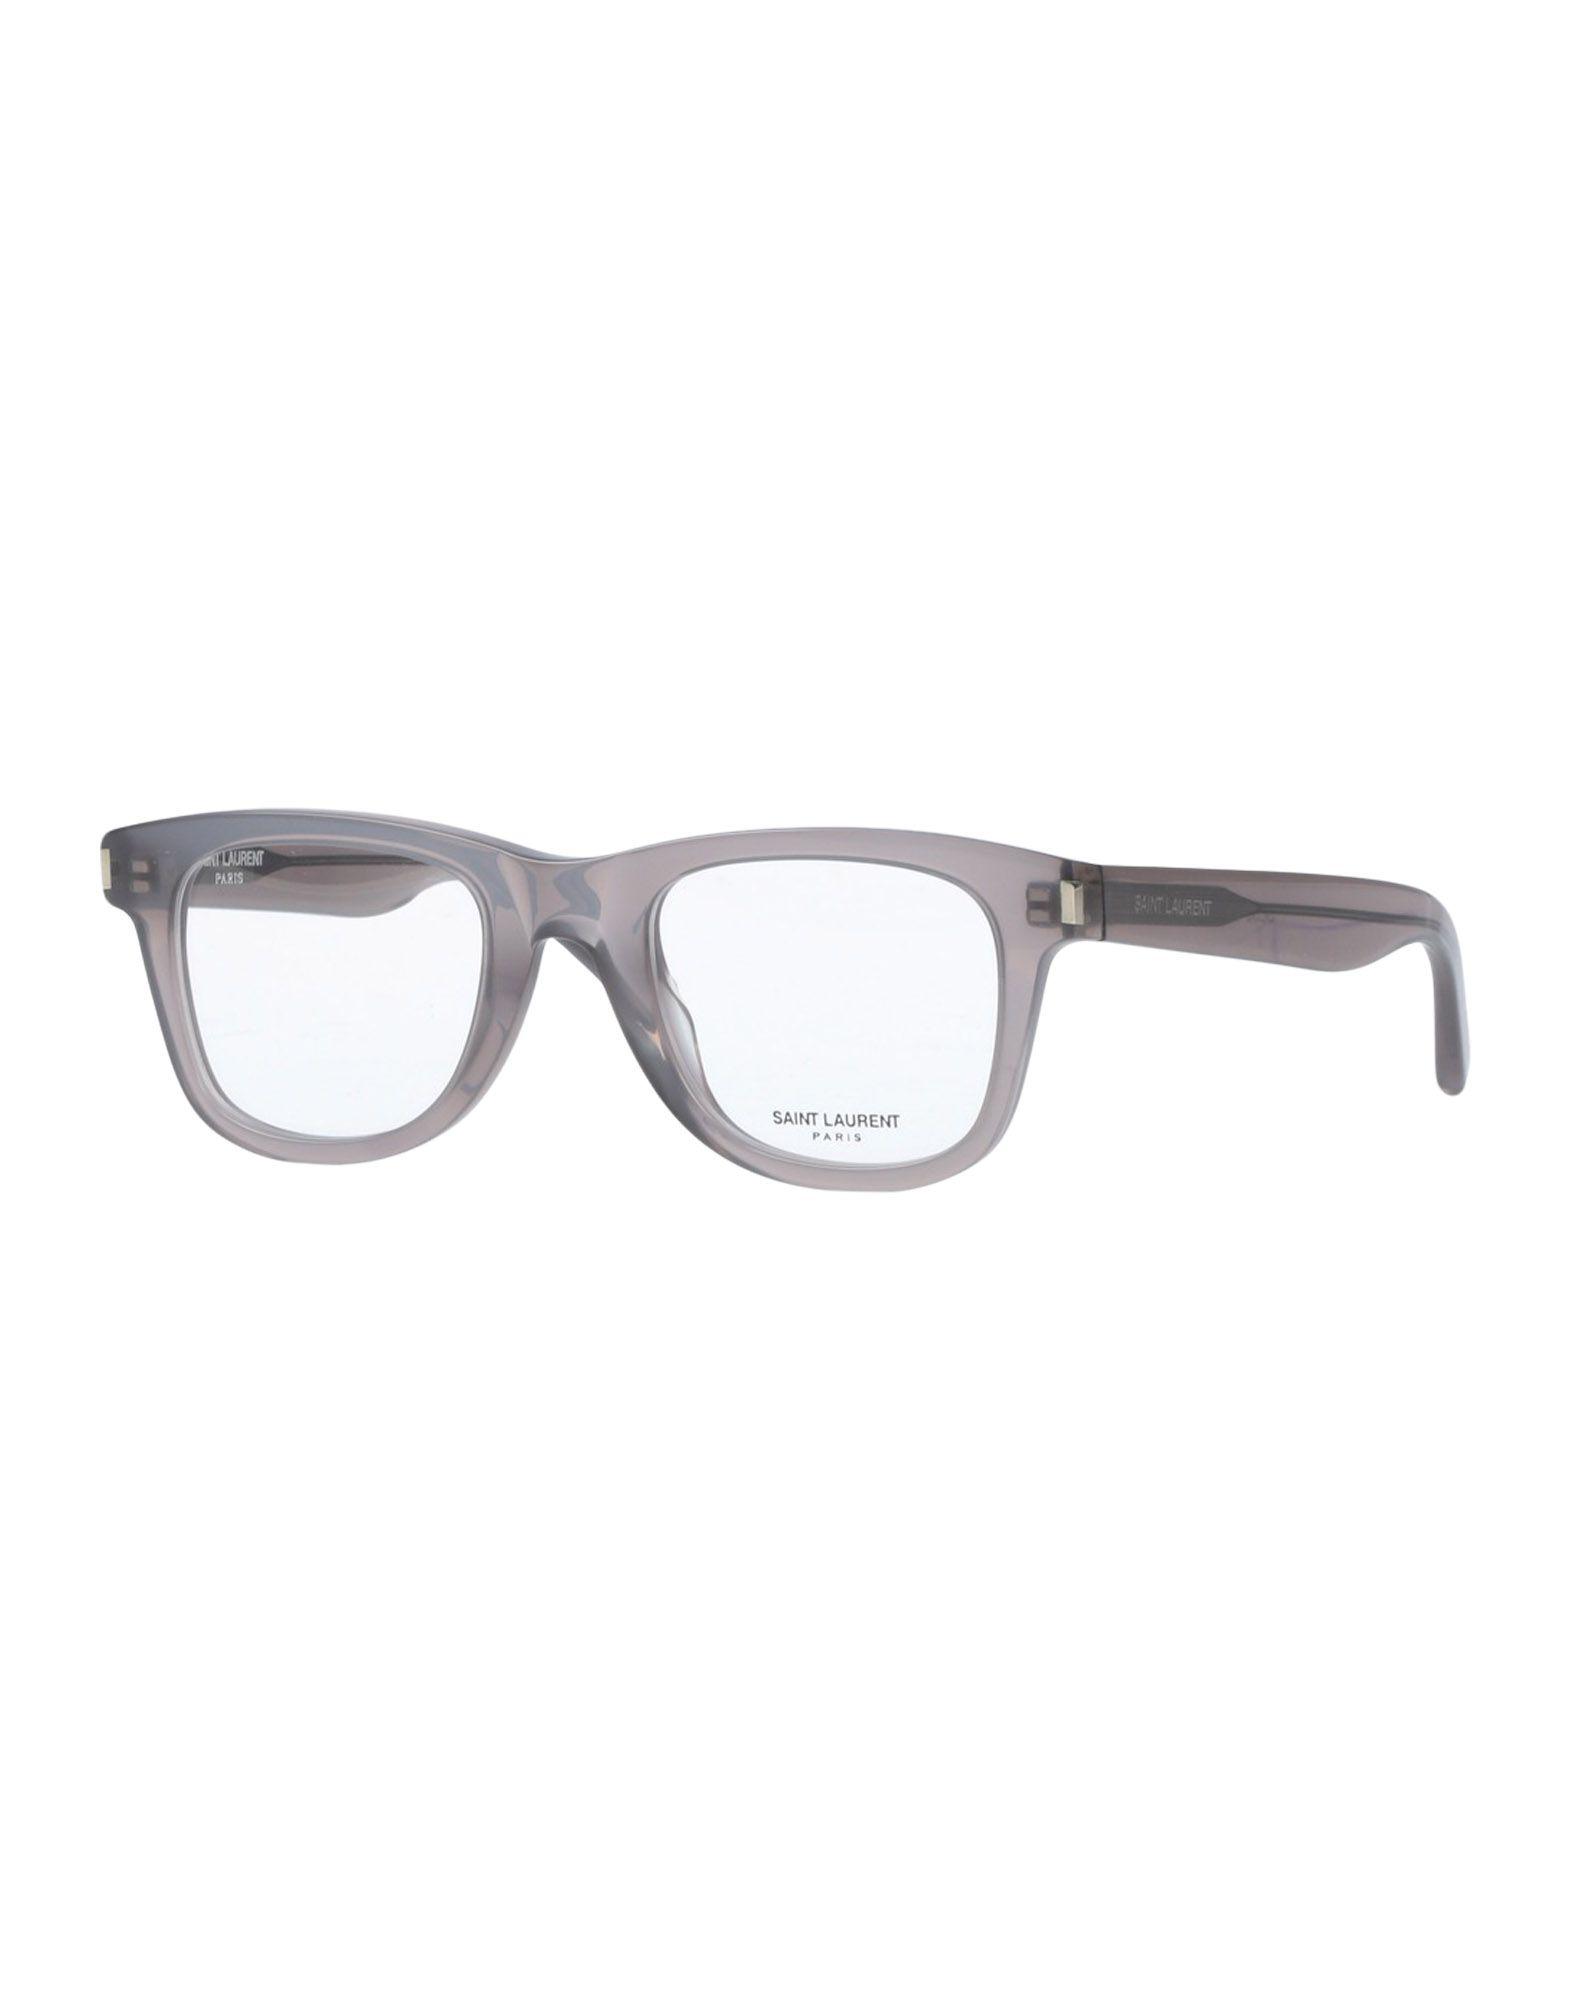 SAINT LAURENT Herren Brille Farbe Grau Größe 1